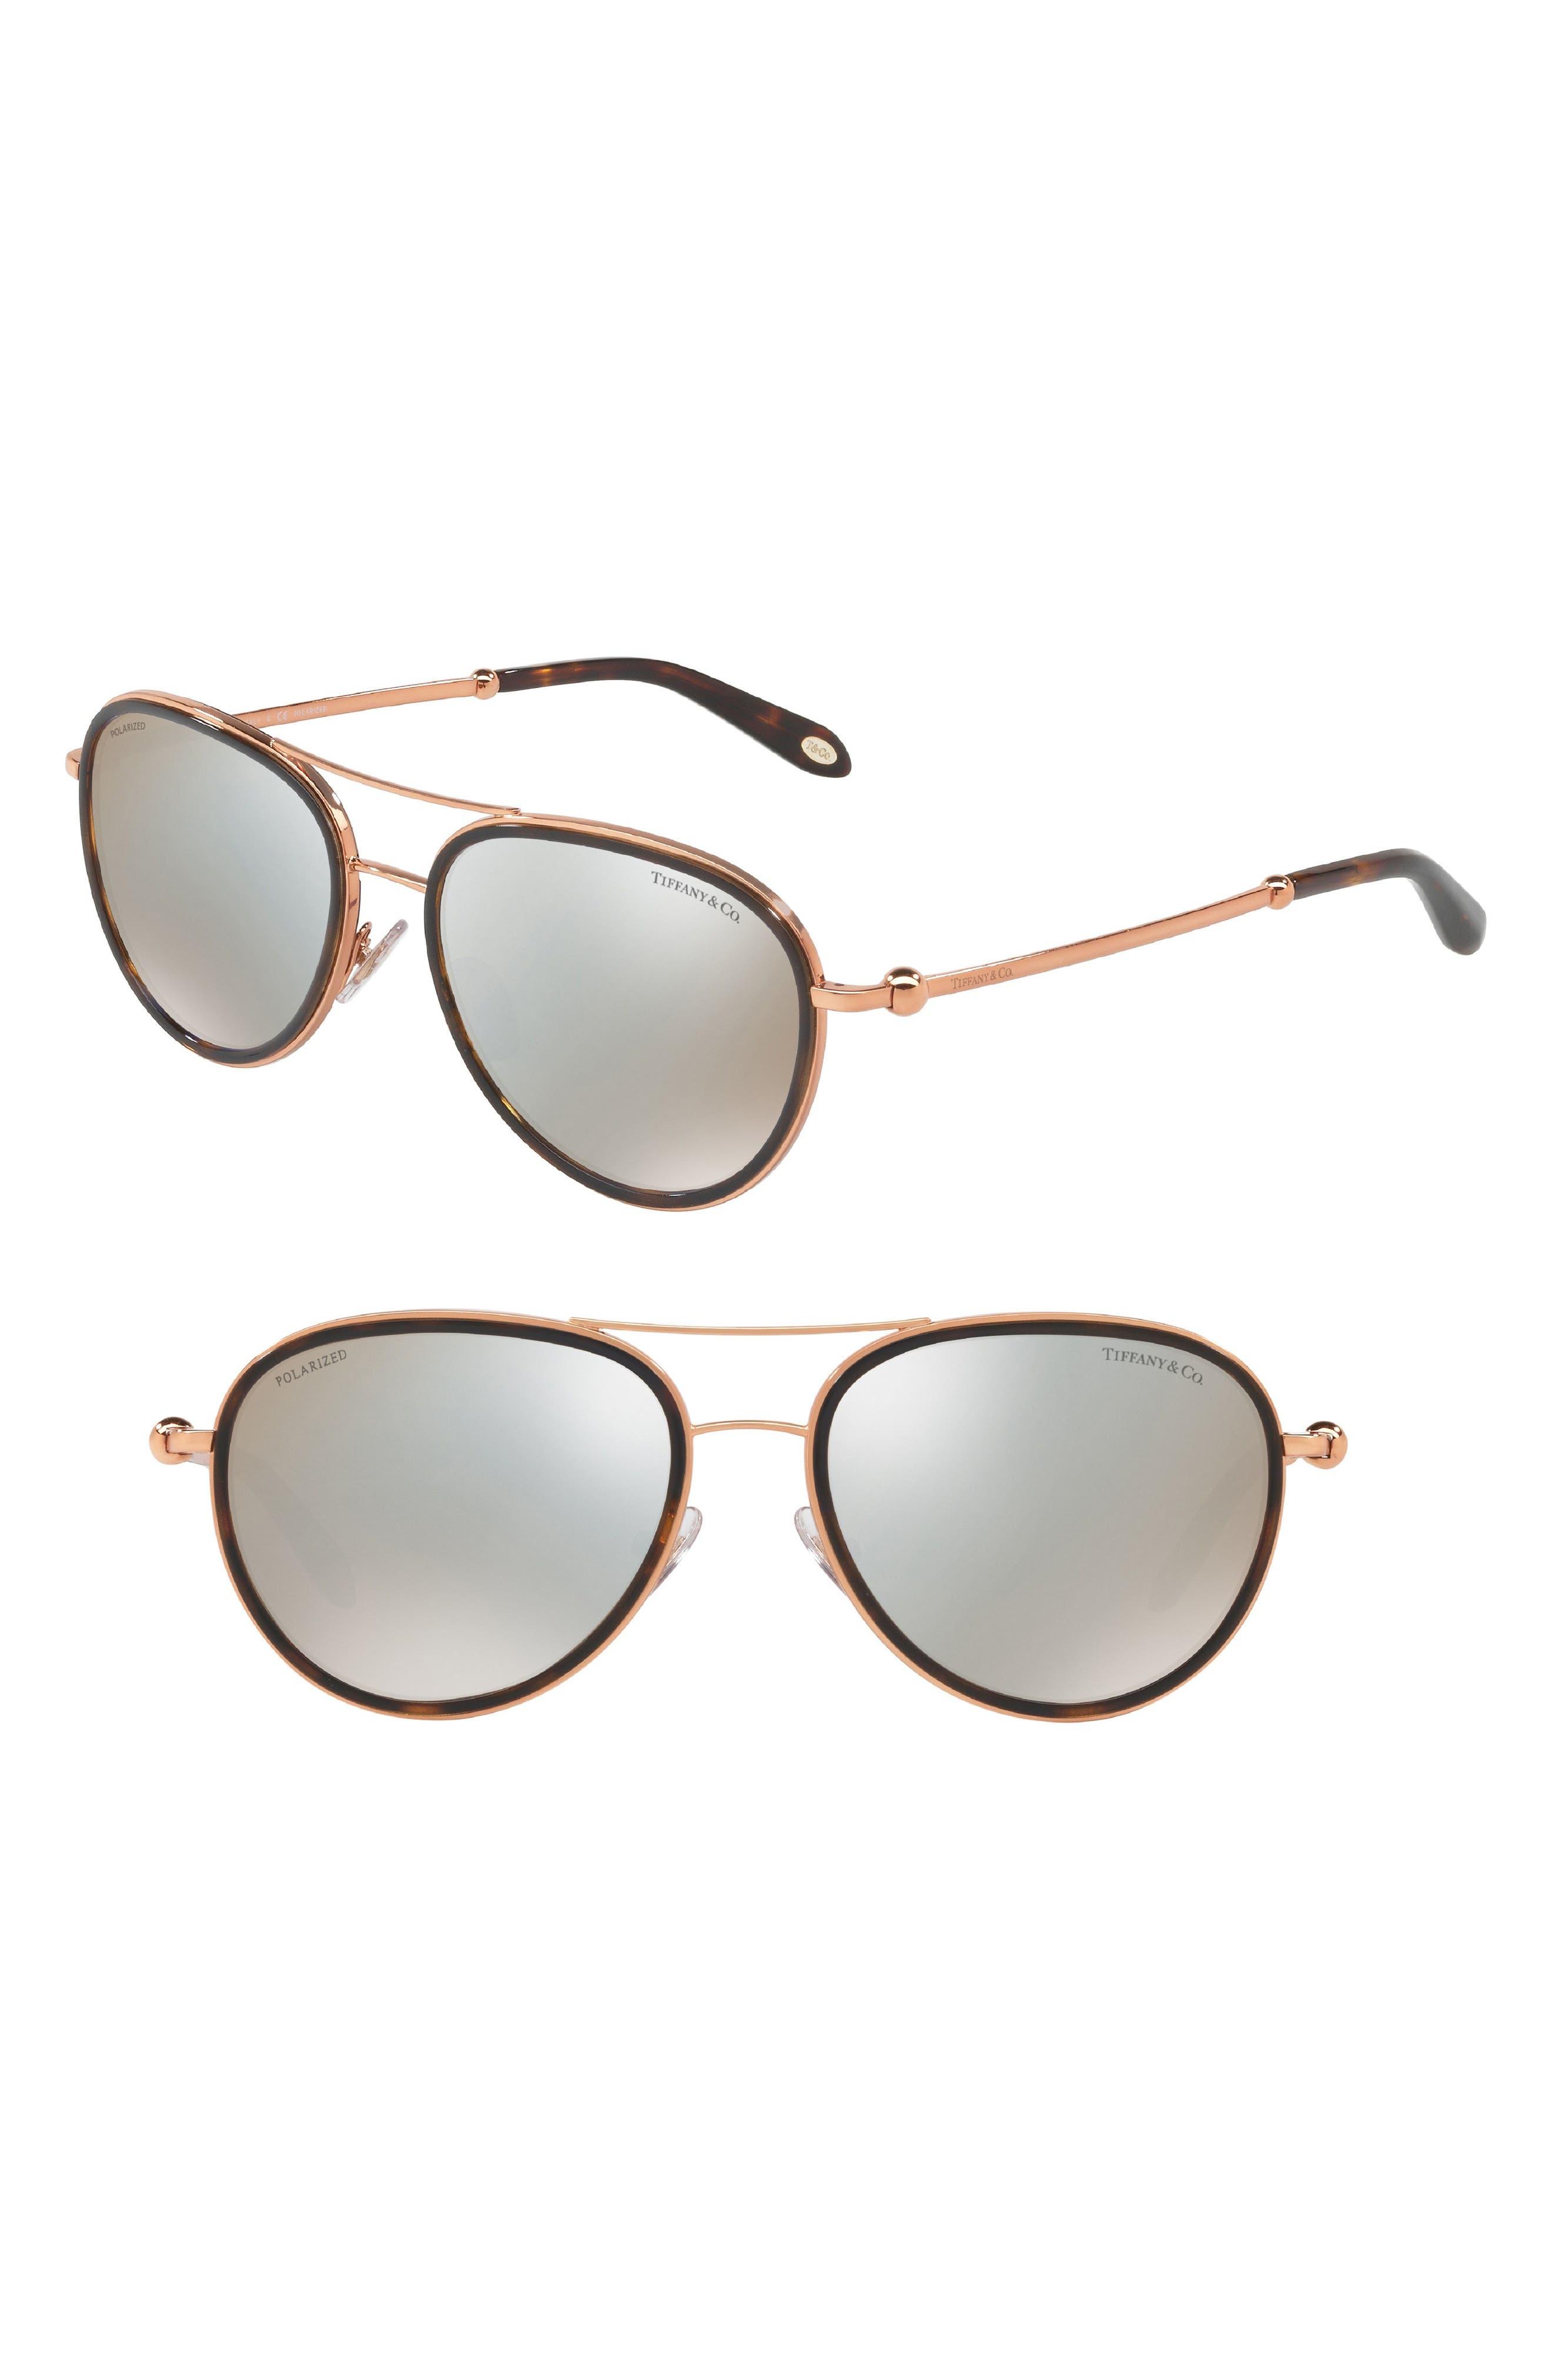 Tiffany 55mm Polarized Metal Aviator Sunglasses,                             Main thumbnail 1, color,                             Havana Mirror